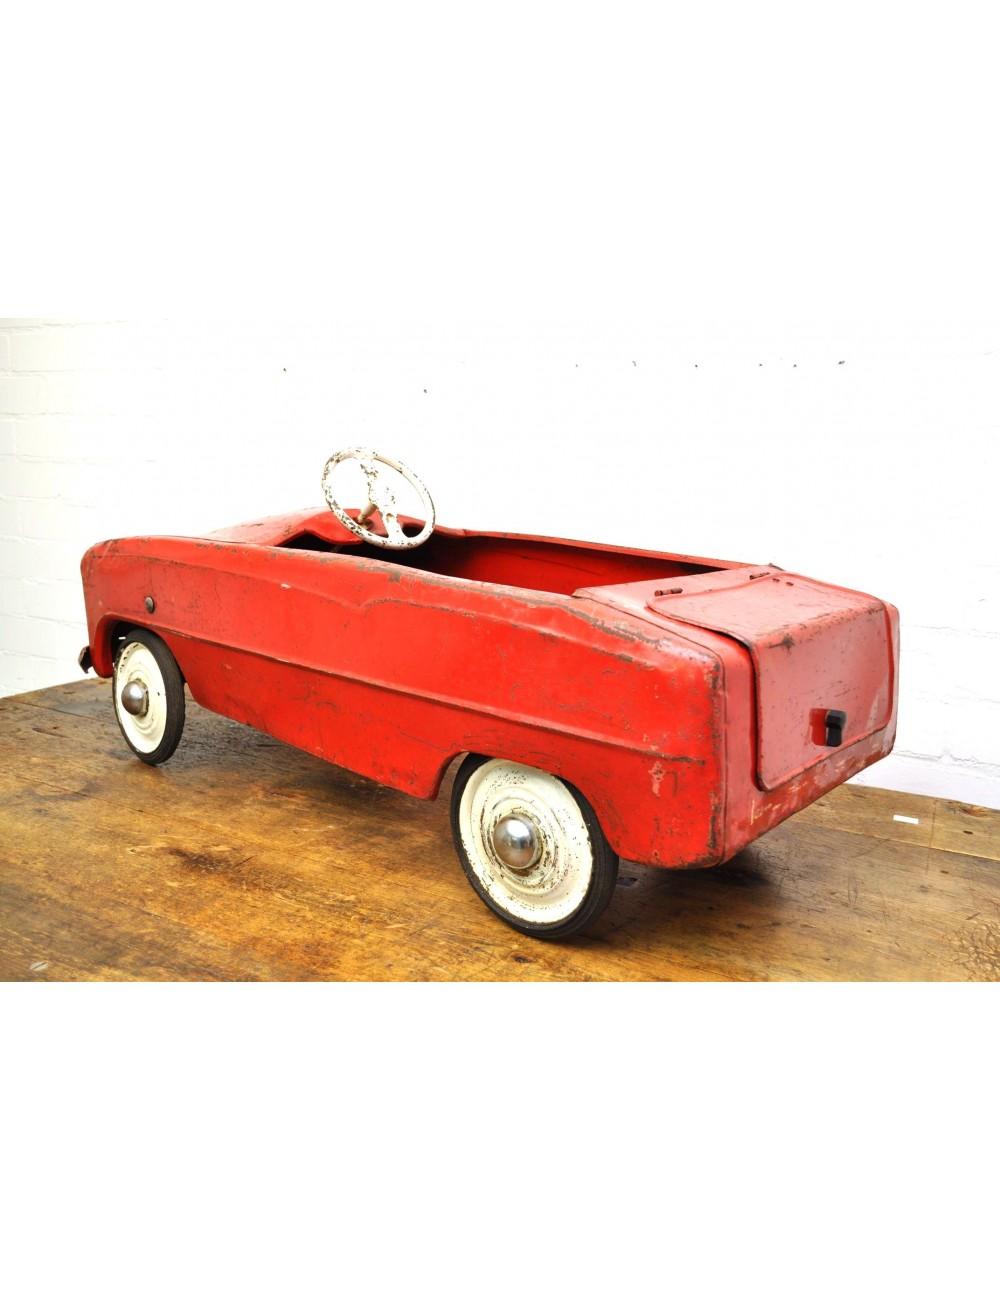 Vintage trapauto